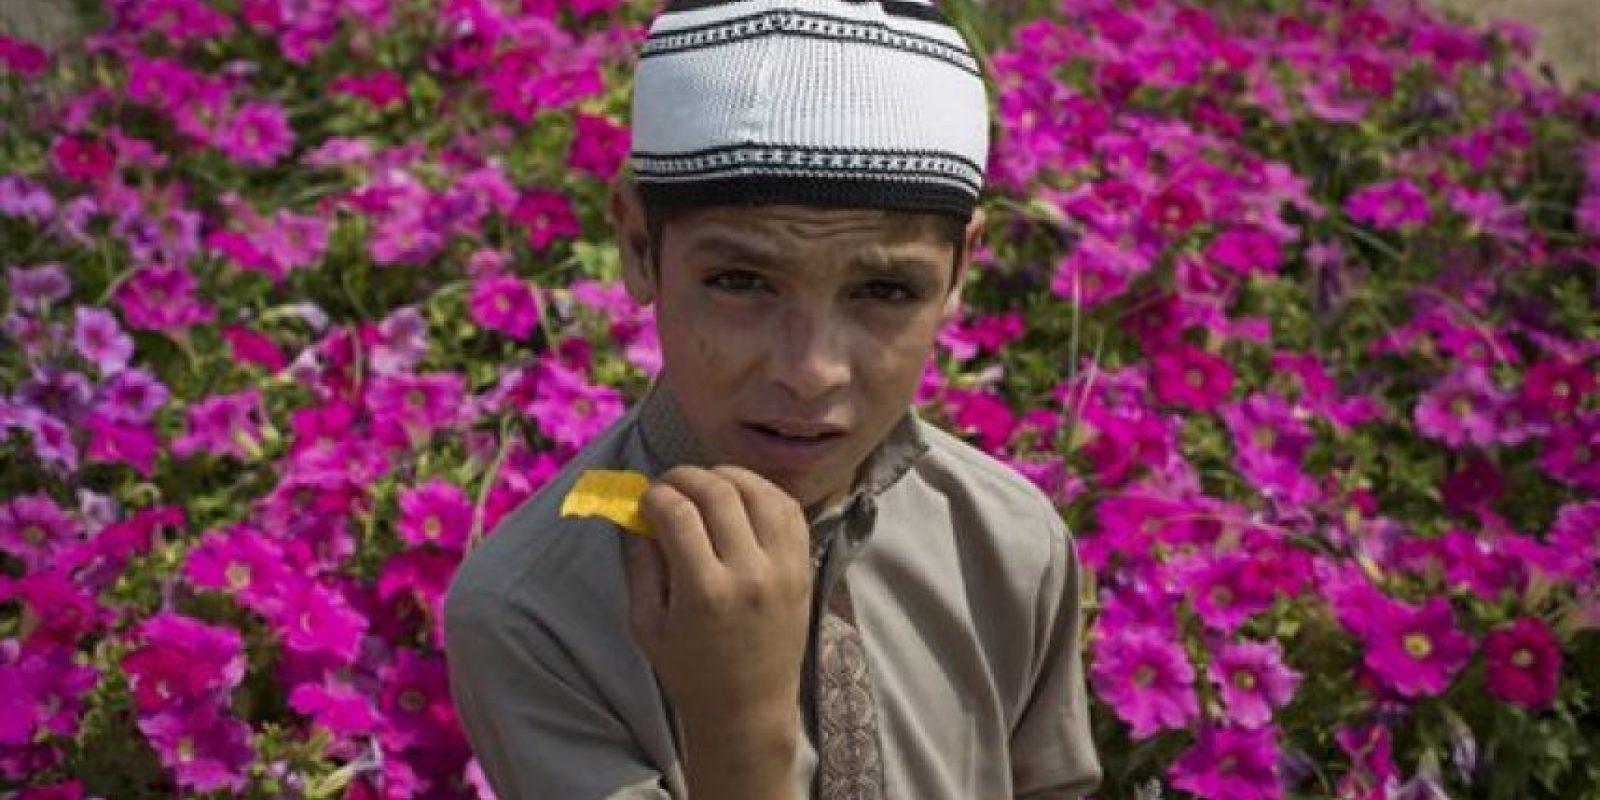 Abdul Rasheed, de nueve años desea ser quiere ser un clérigo musulmán. Foto:AP